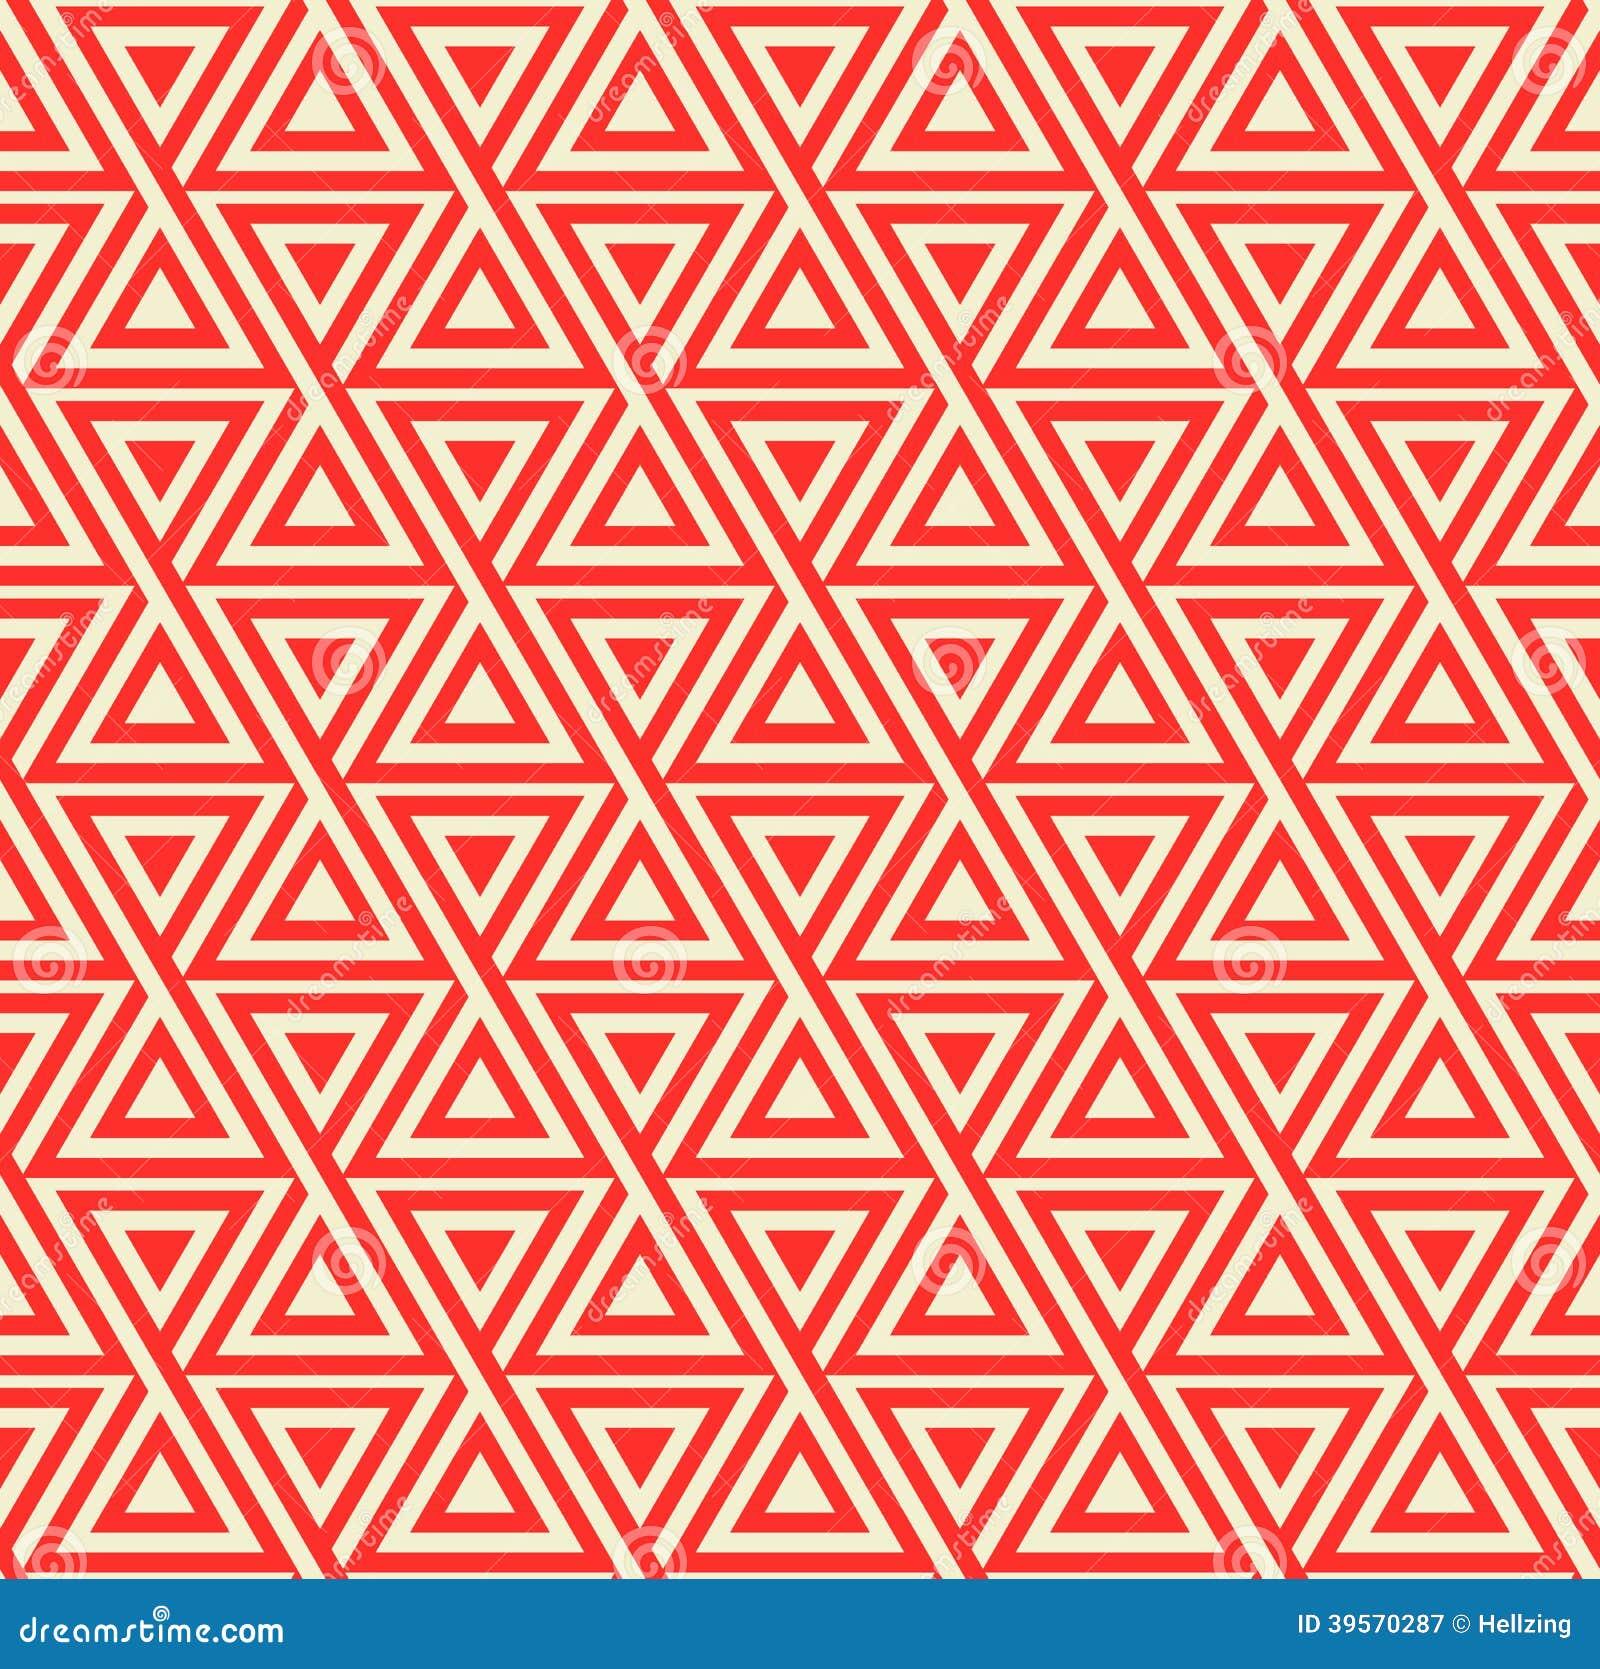 Αφηρημένο άνευ ραφής γεωμετρικό σχέδιο με τα τρίγωνα